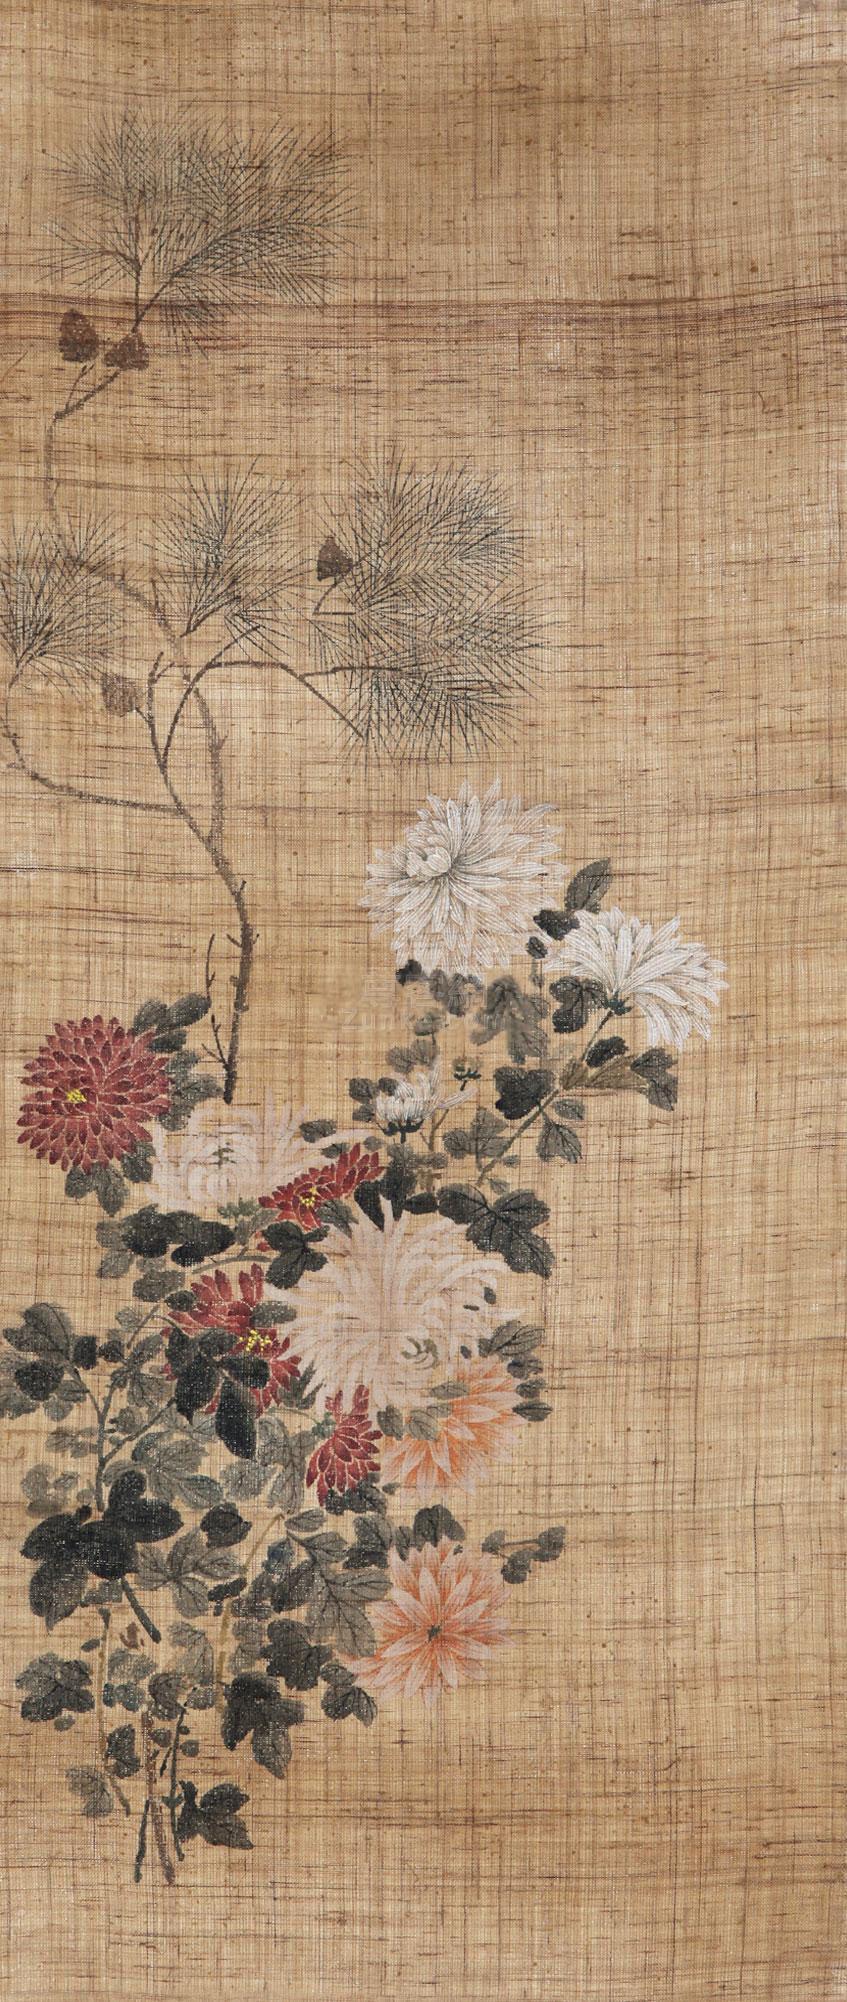 佚名 花卉 镜片 绢本作品欣赏